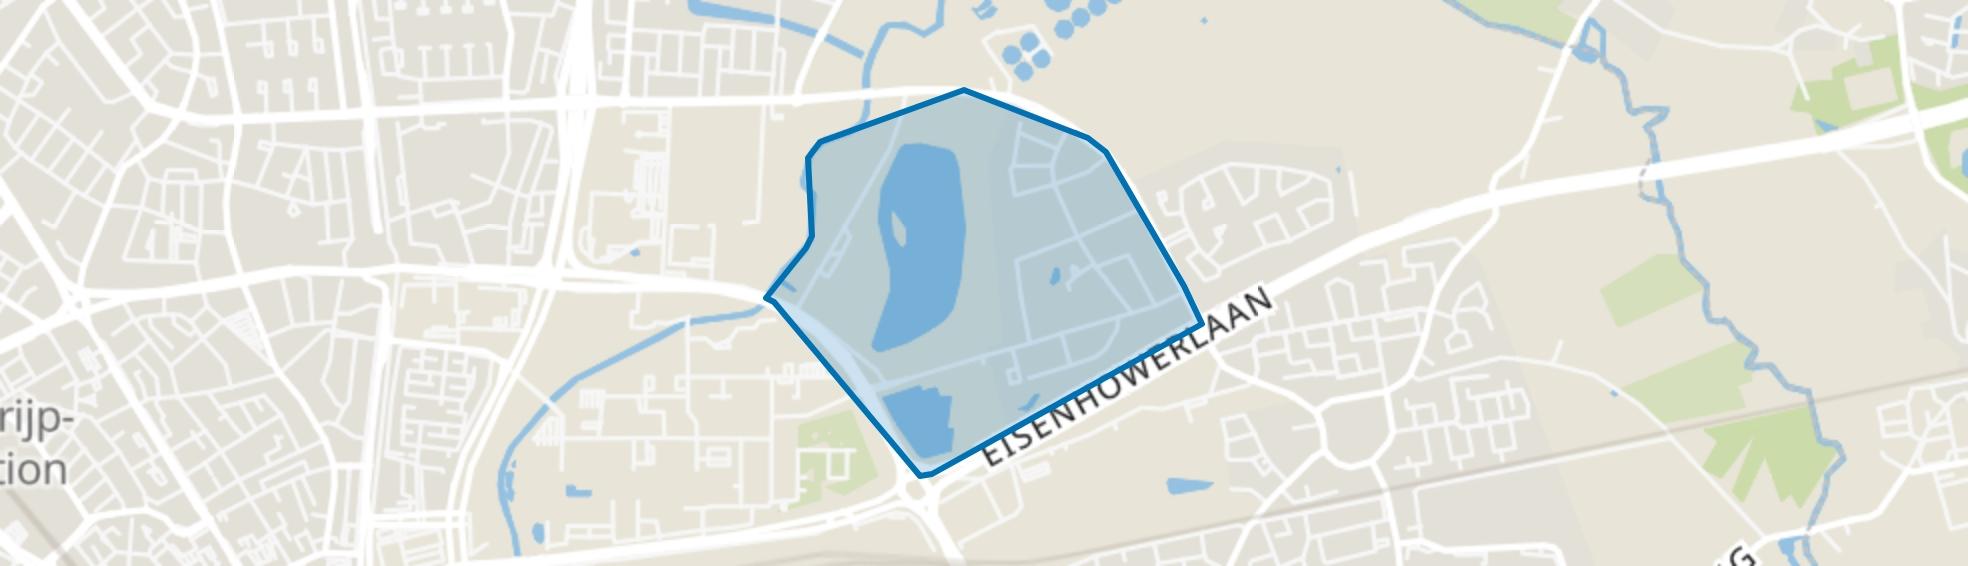 Karpen, Eindhoven map